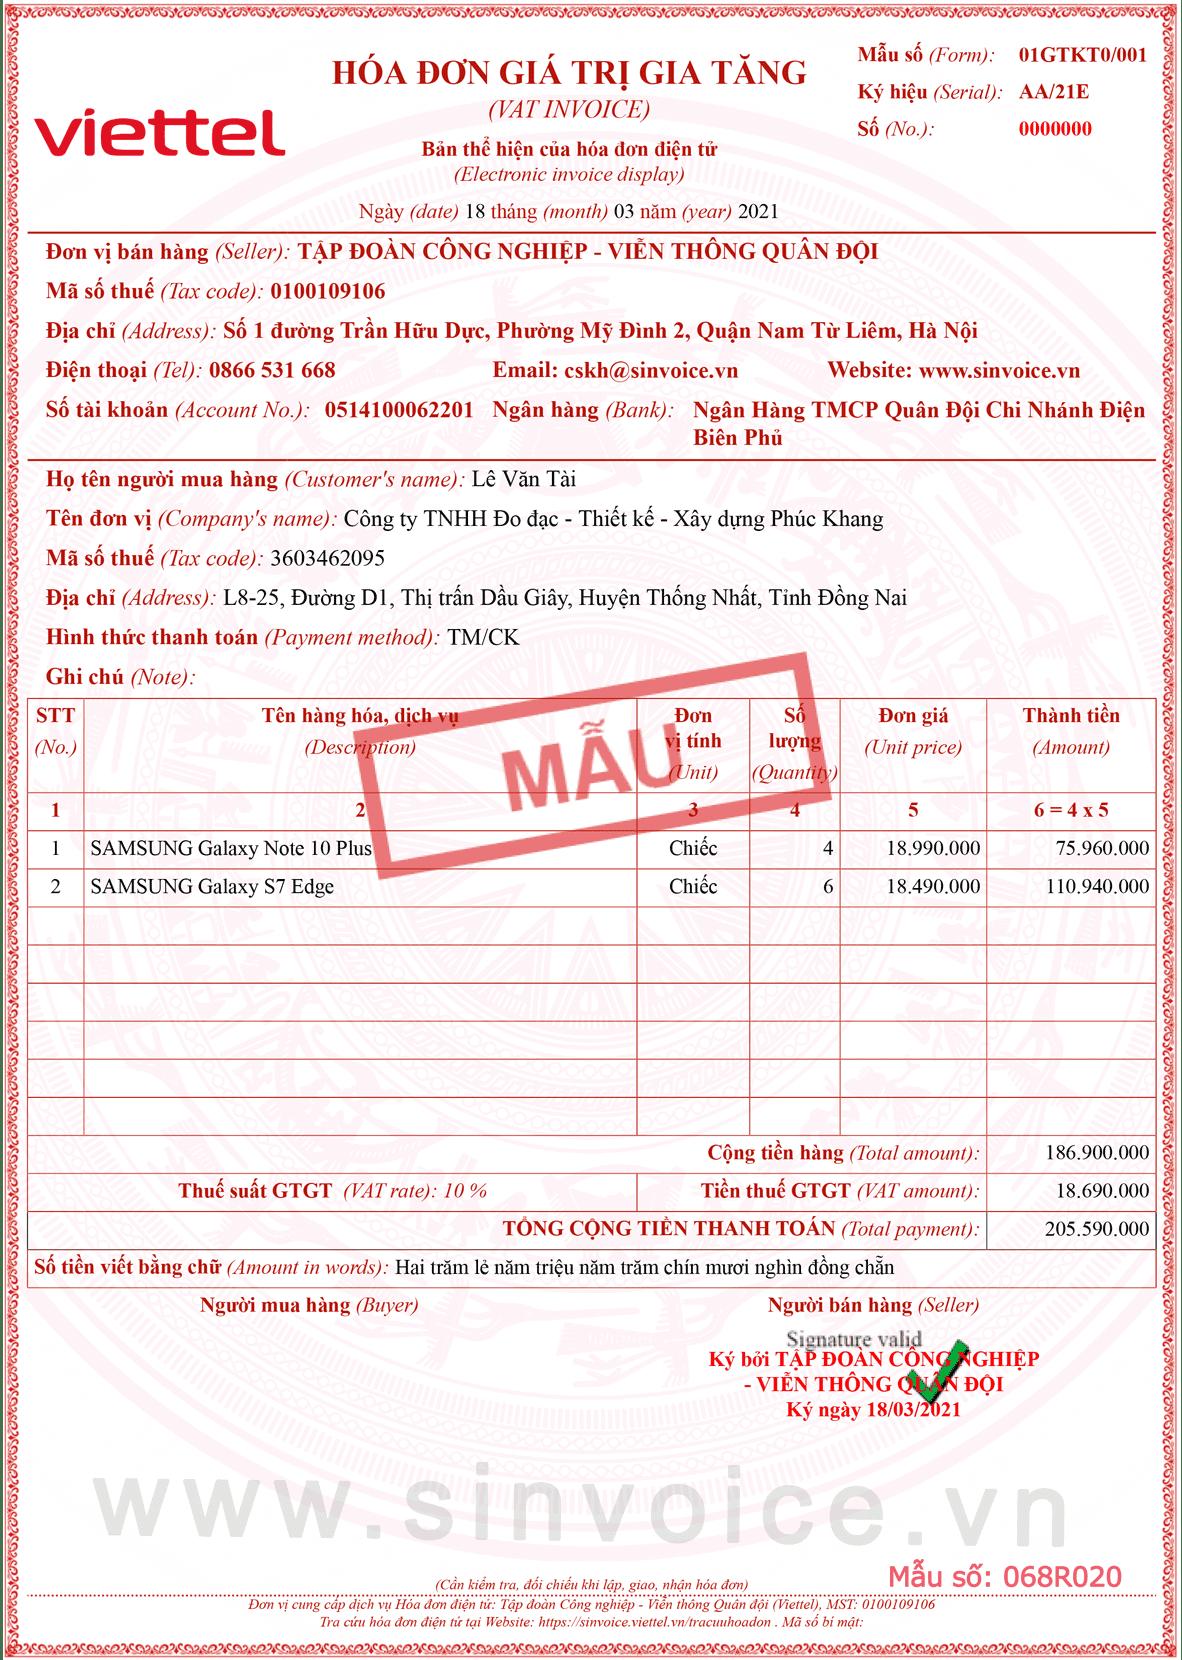 Mẫu hóa đơn điện tử số 068R020